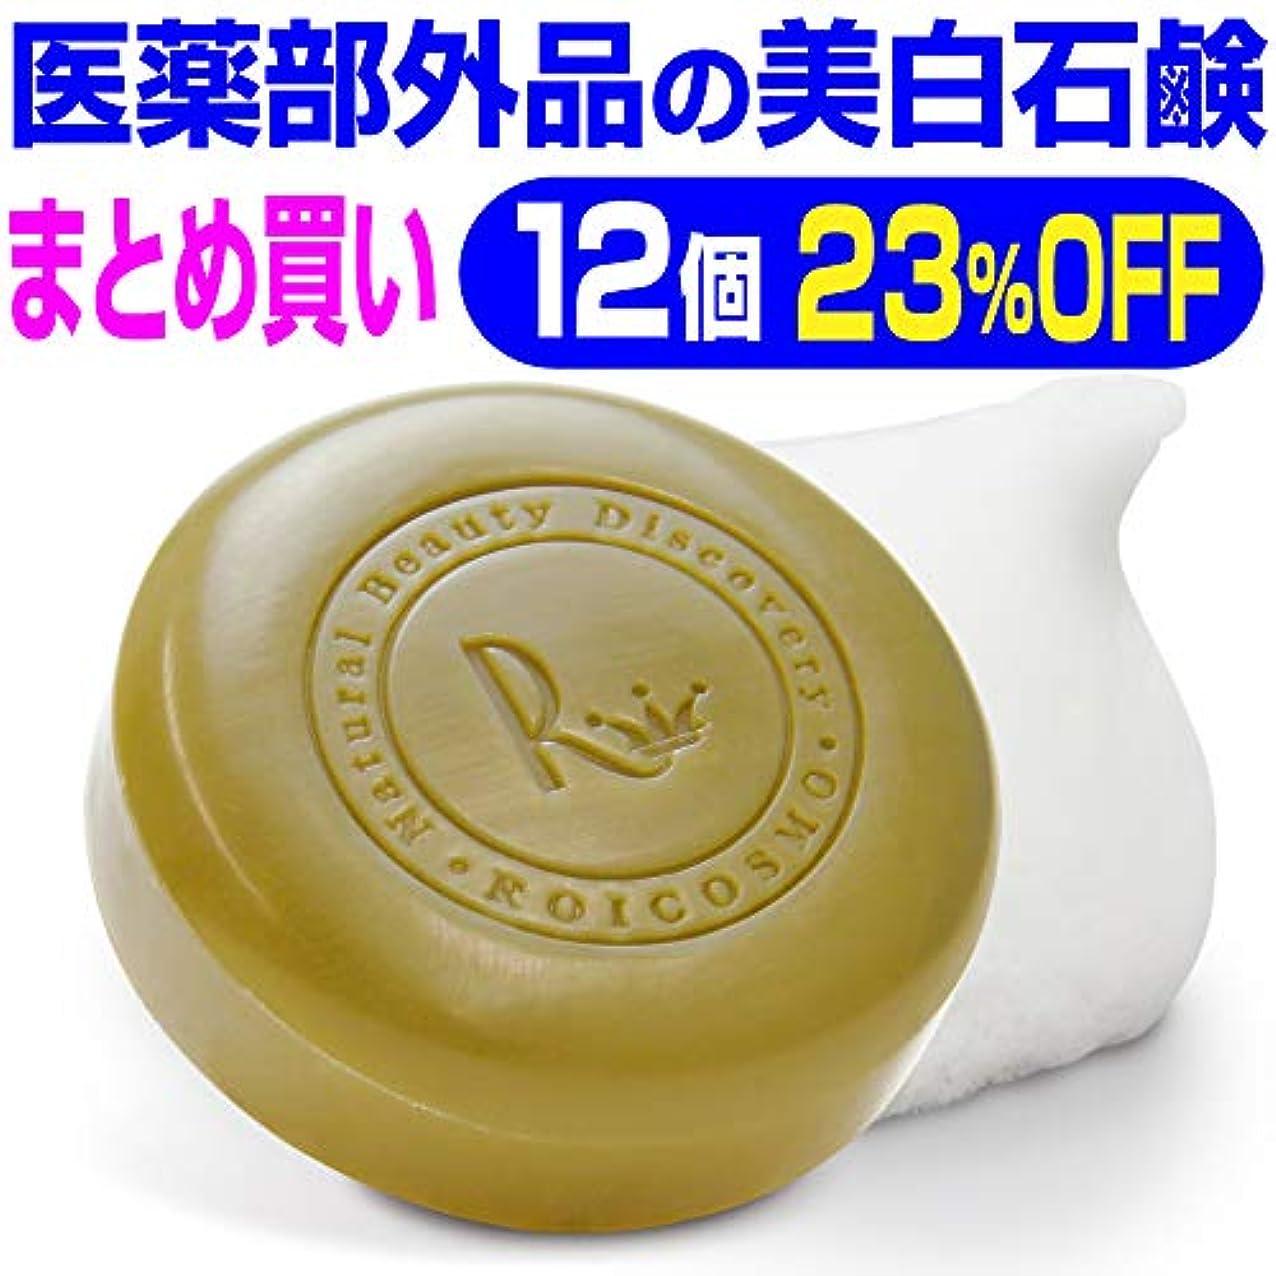 ほんの配送バスルーム12個まとめ買い23%OFF 美白石鹸/ビタミンC270倍の美白成分配合の 洗顔石鹸『ホワイトソープ100g×12個』